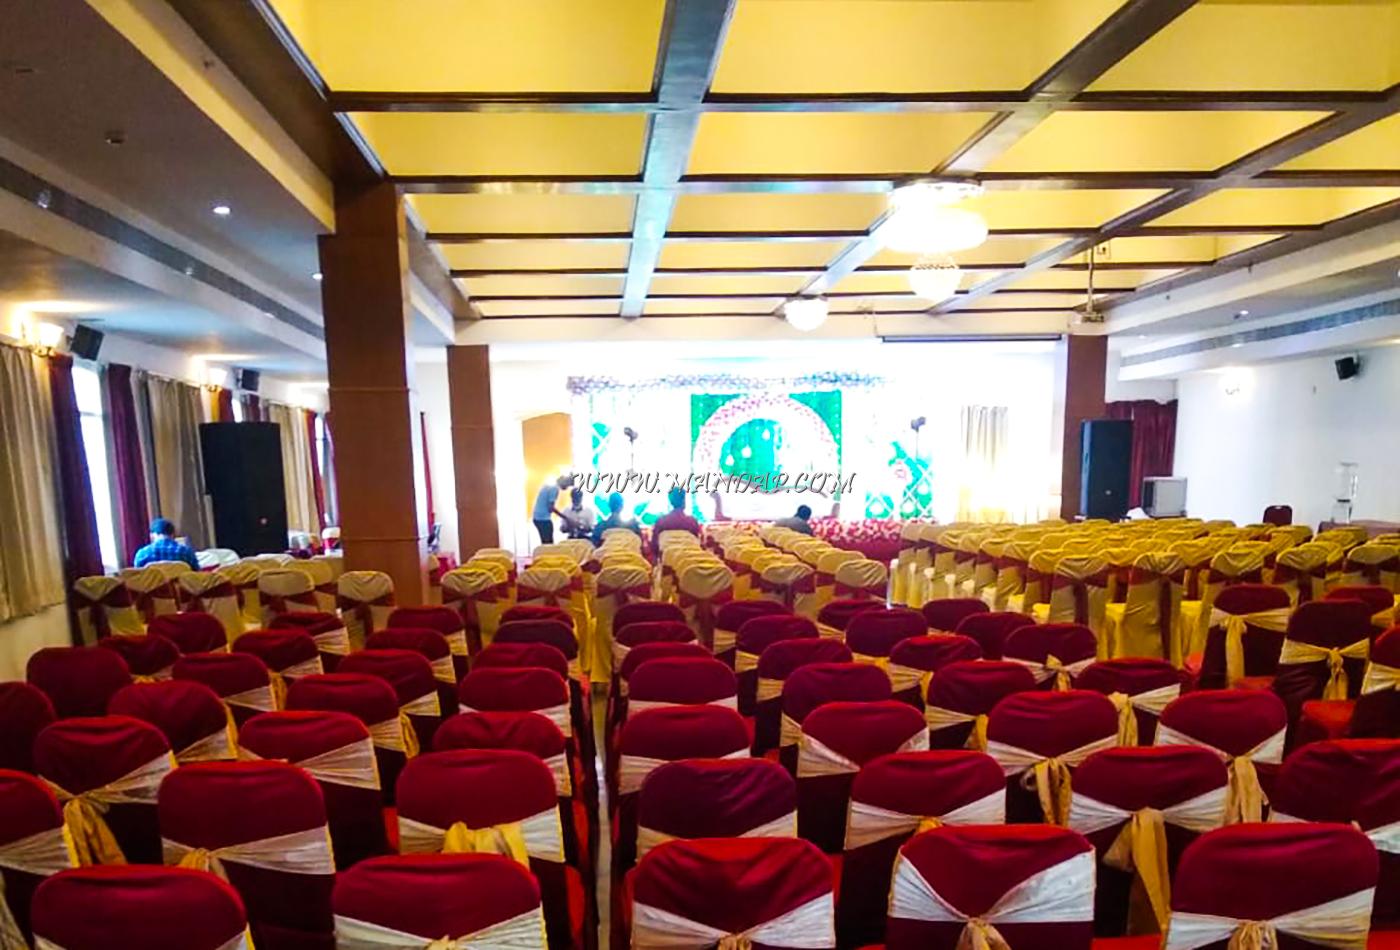 Find More Banquet Halls in Villianur